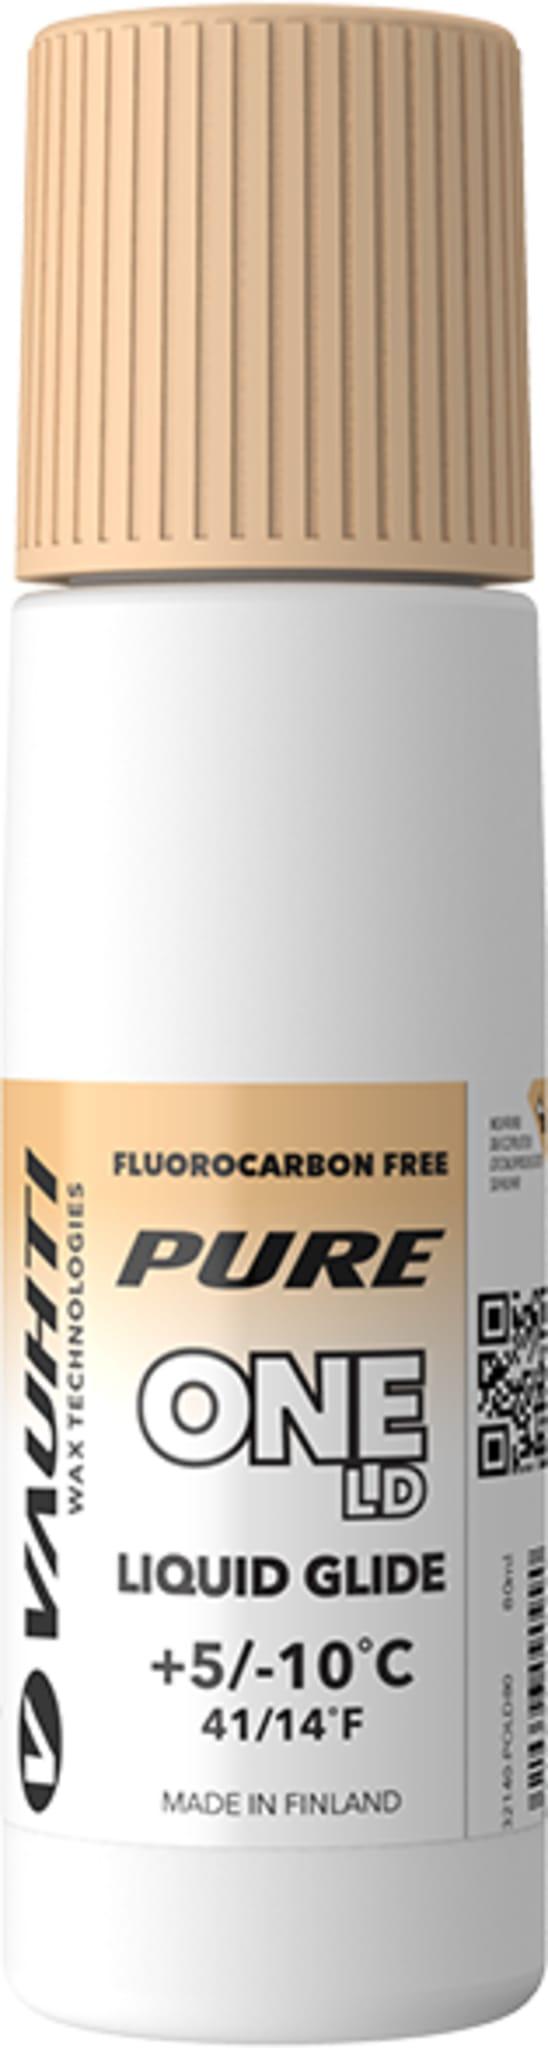 Fluorfri glider i temperaturområdet fra +5/-10 grader for langdistanseløperne